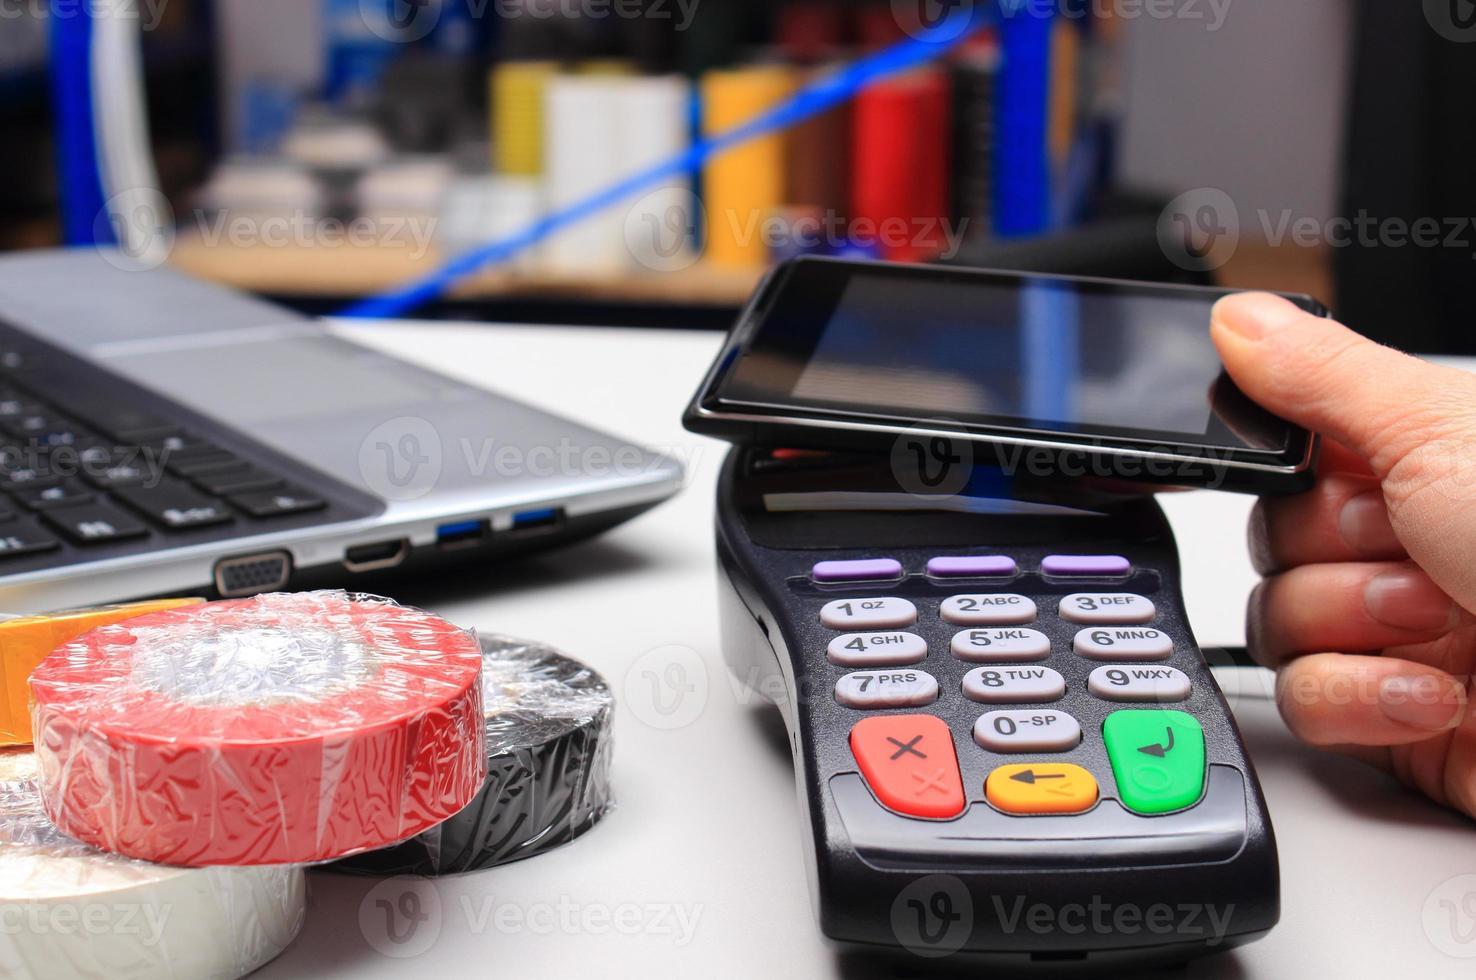 pagando con tecnología nfc en teléfono móvil foto